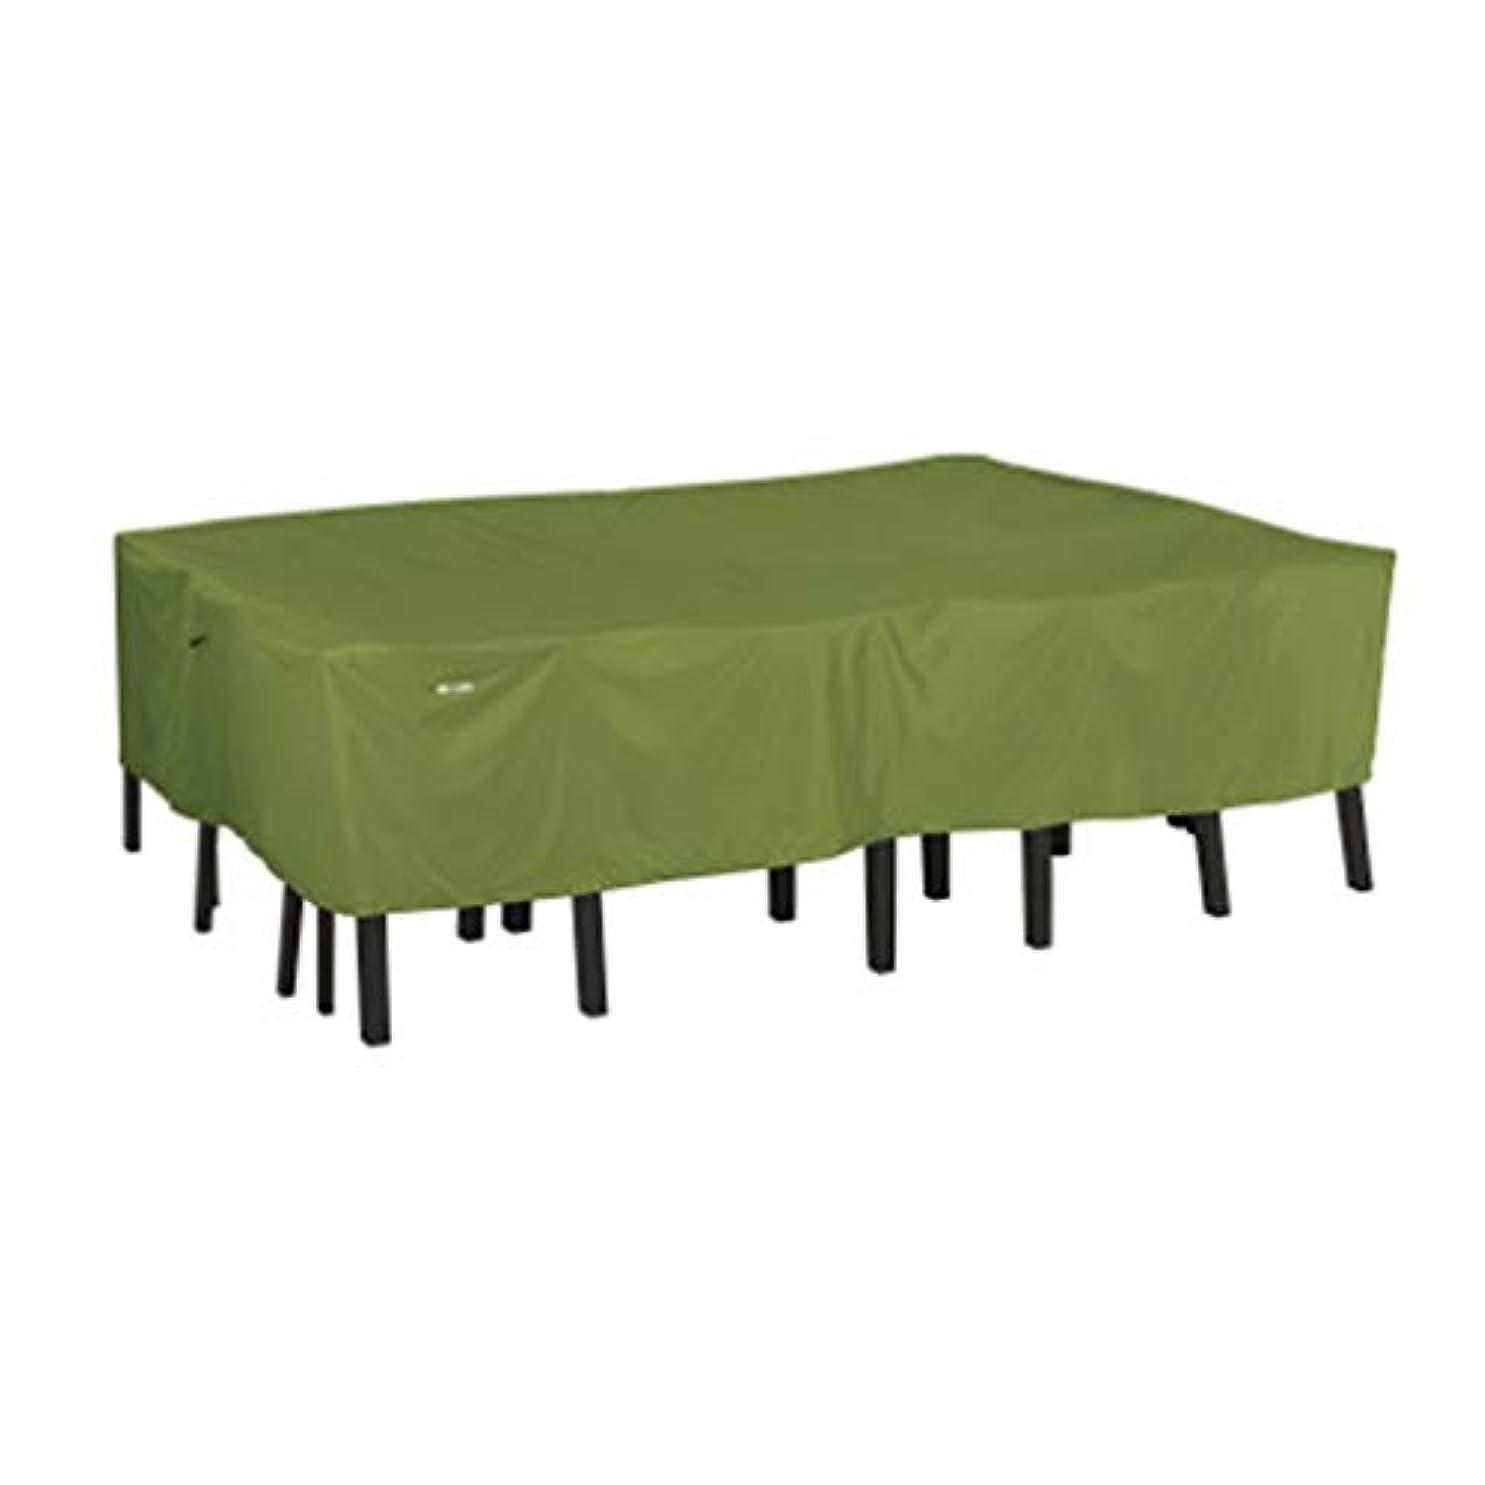 飼い慣らすウェーハ影響力のあるZEMIN 家具 カバー 庭園 ターポリンタープ テーブルと椅子 屋外 保護 防塵の 防水 シェード オックスフォード布、 カスタマイズ可能、 2サイズ (色 : Green, サイズ さいず : 224x147x58cm)